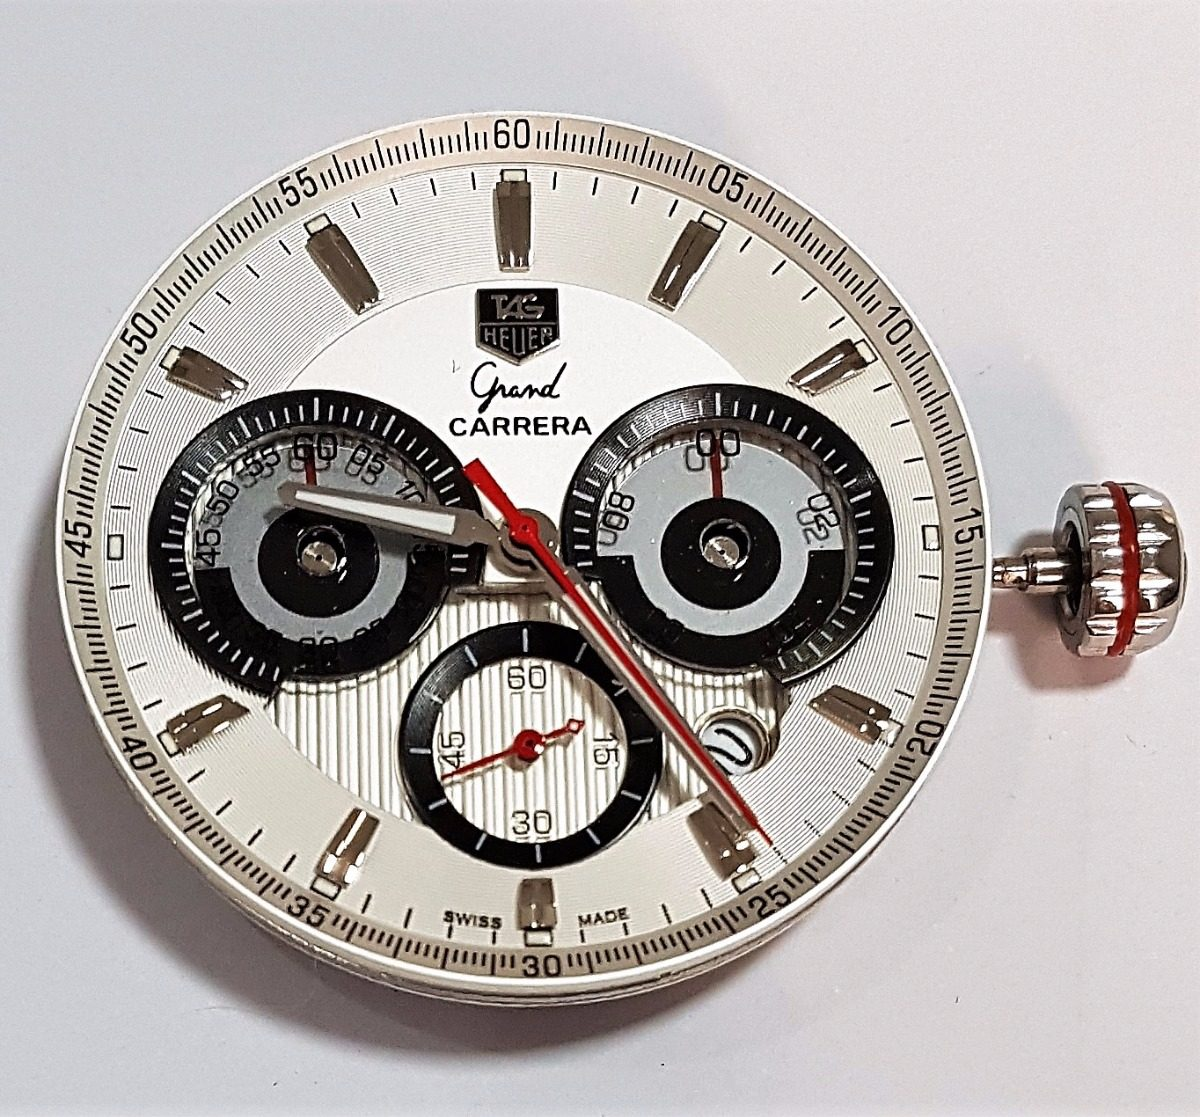 a4f4d0f6232 máquina de relógio tag heuer miyota 6s20 grand carrera novo. Carregando  zoom.